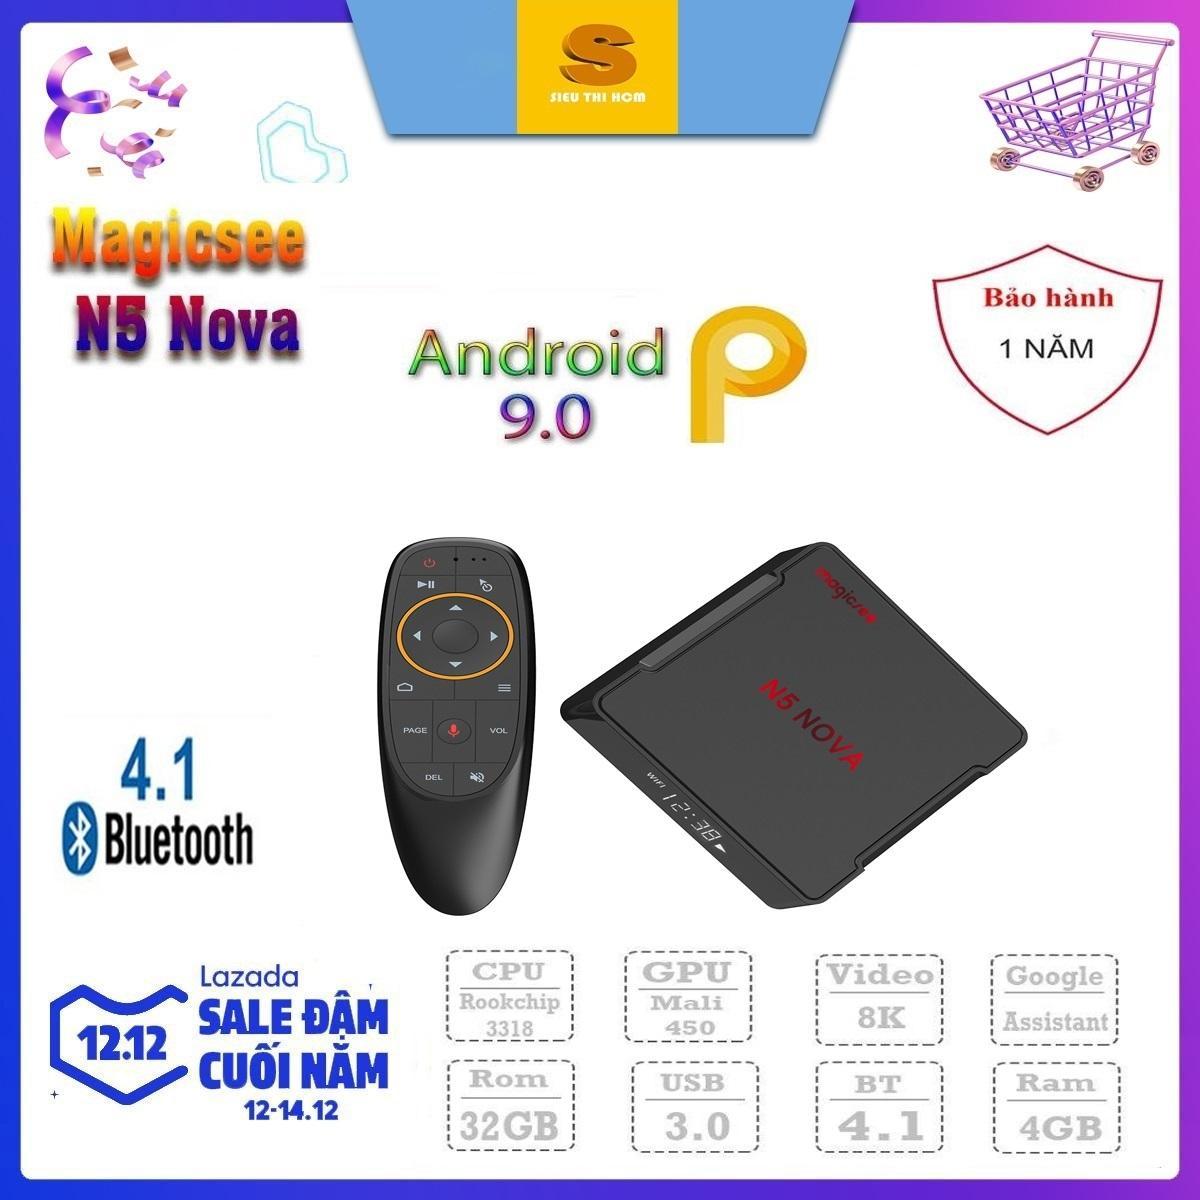 [Có Video] Android Tivi Box Magicsee N5 Nova - Ram 4GB, Rom 32GB, Android 9.0 - Kèm Điều Khiển Voice Giá Rẻ Bất Ngờ